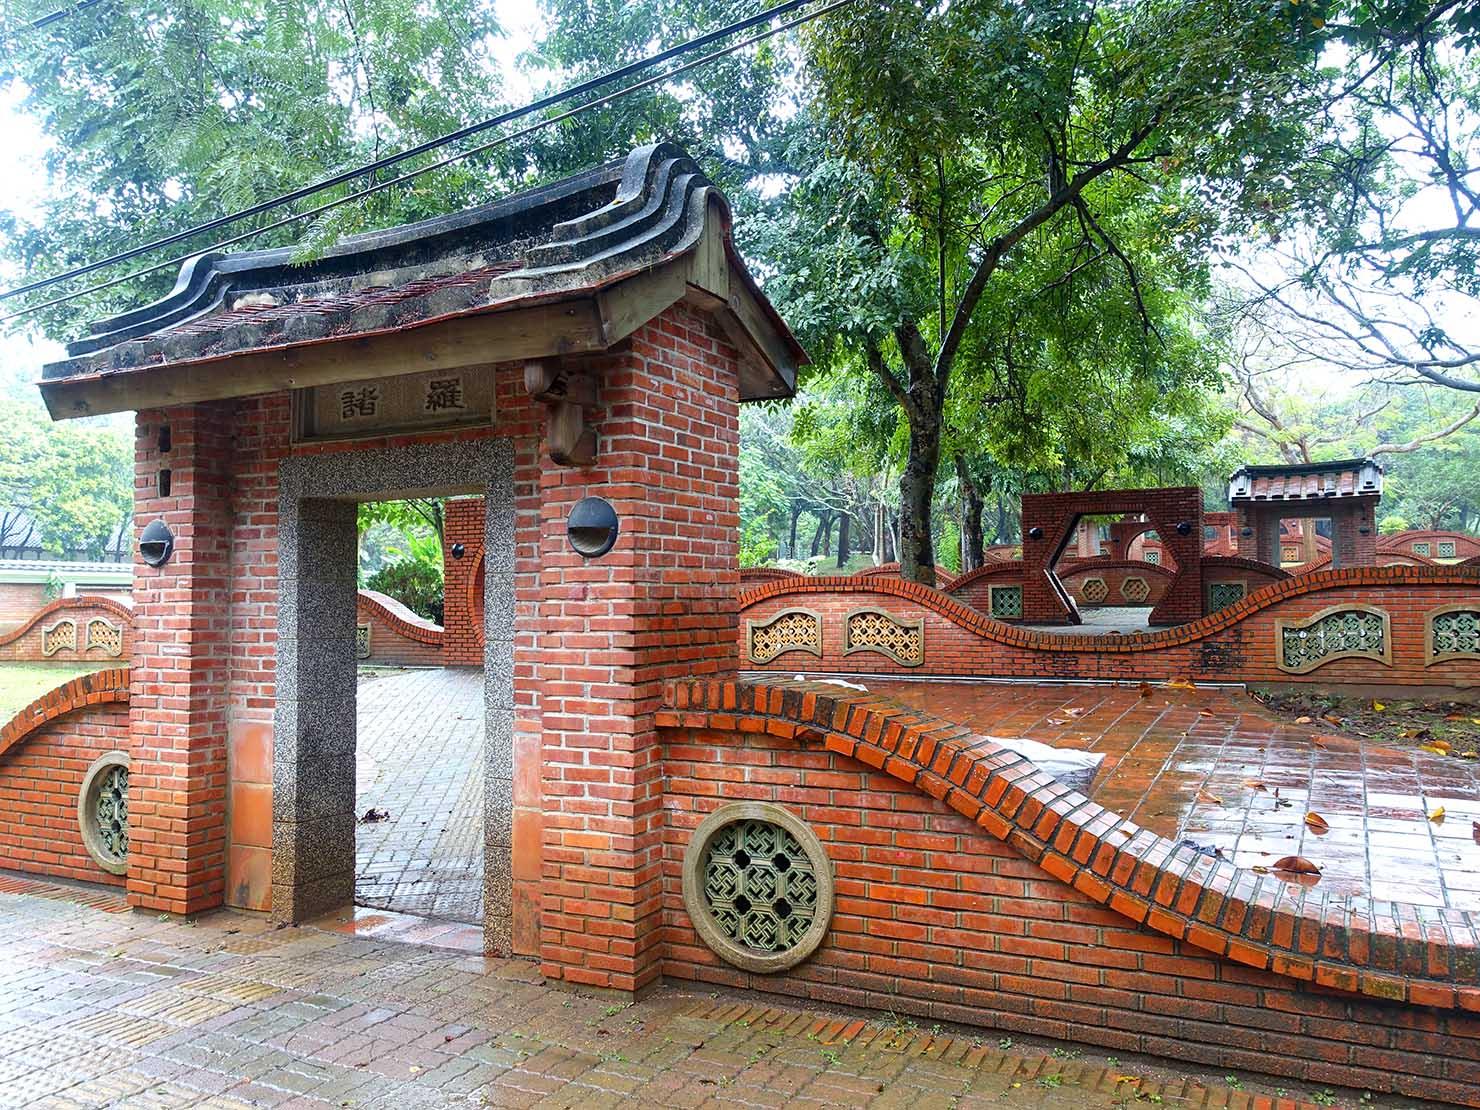 嘉義のおすすめ観光スポット「嘉義公園」に建つレンガ造りの門